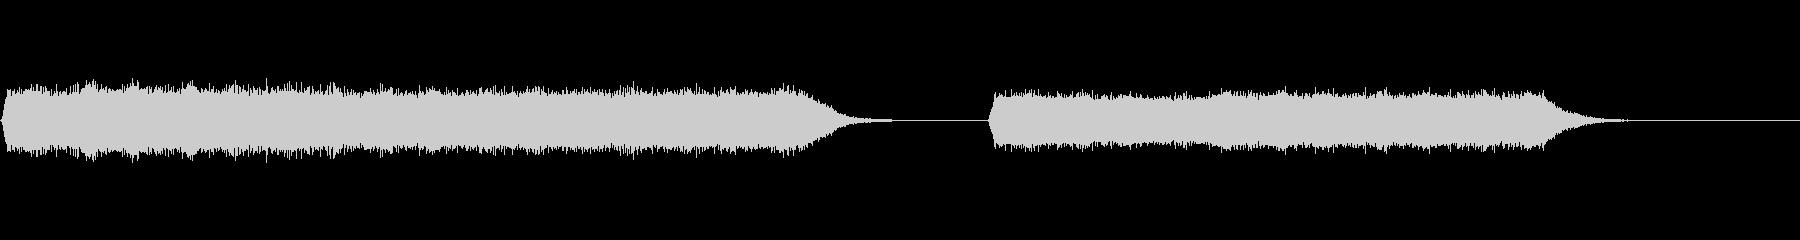 レトロロケットの未再生の波形